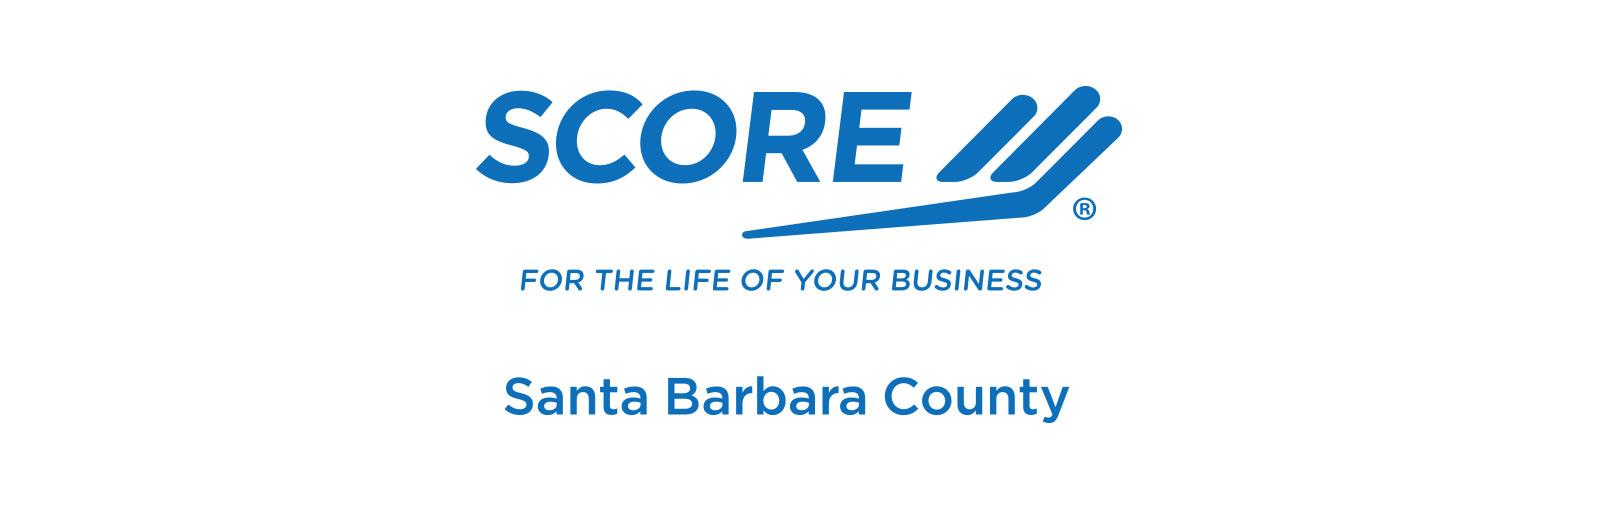 partners-logo-SCORE-Santa-Barbara-County